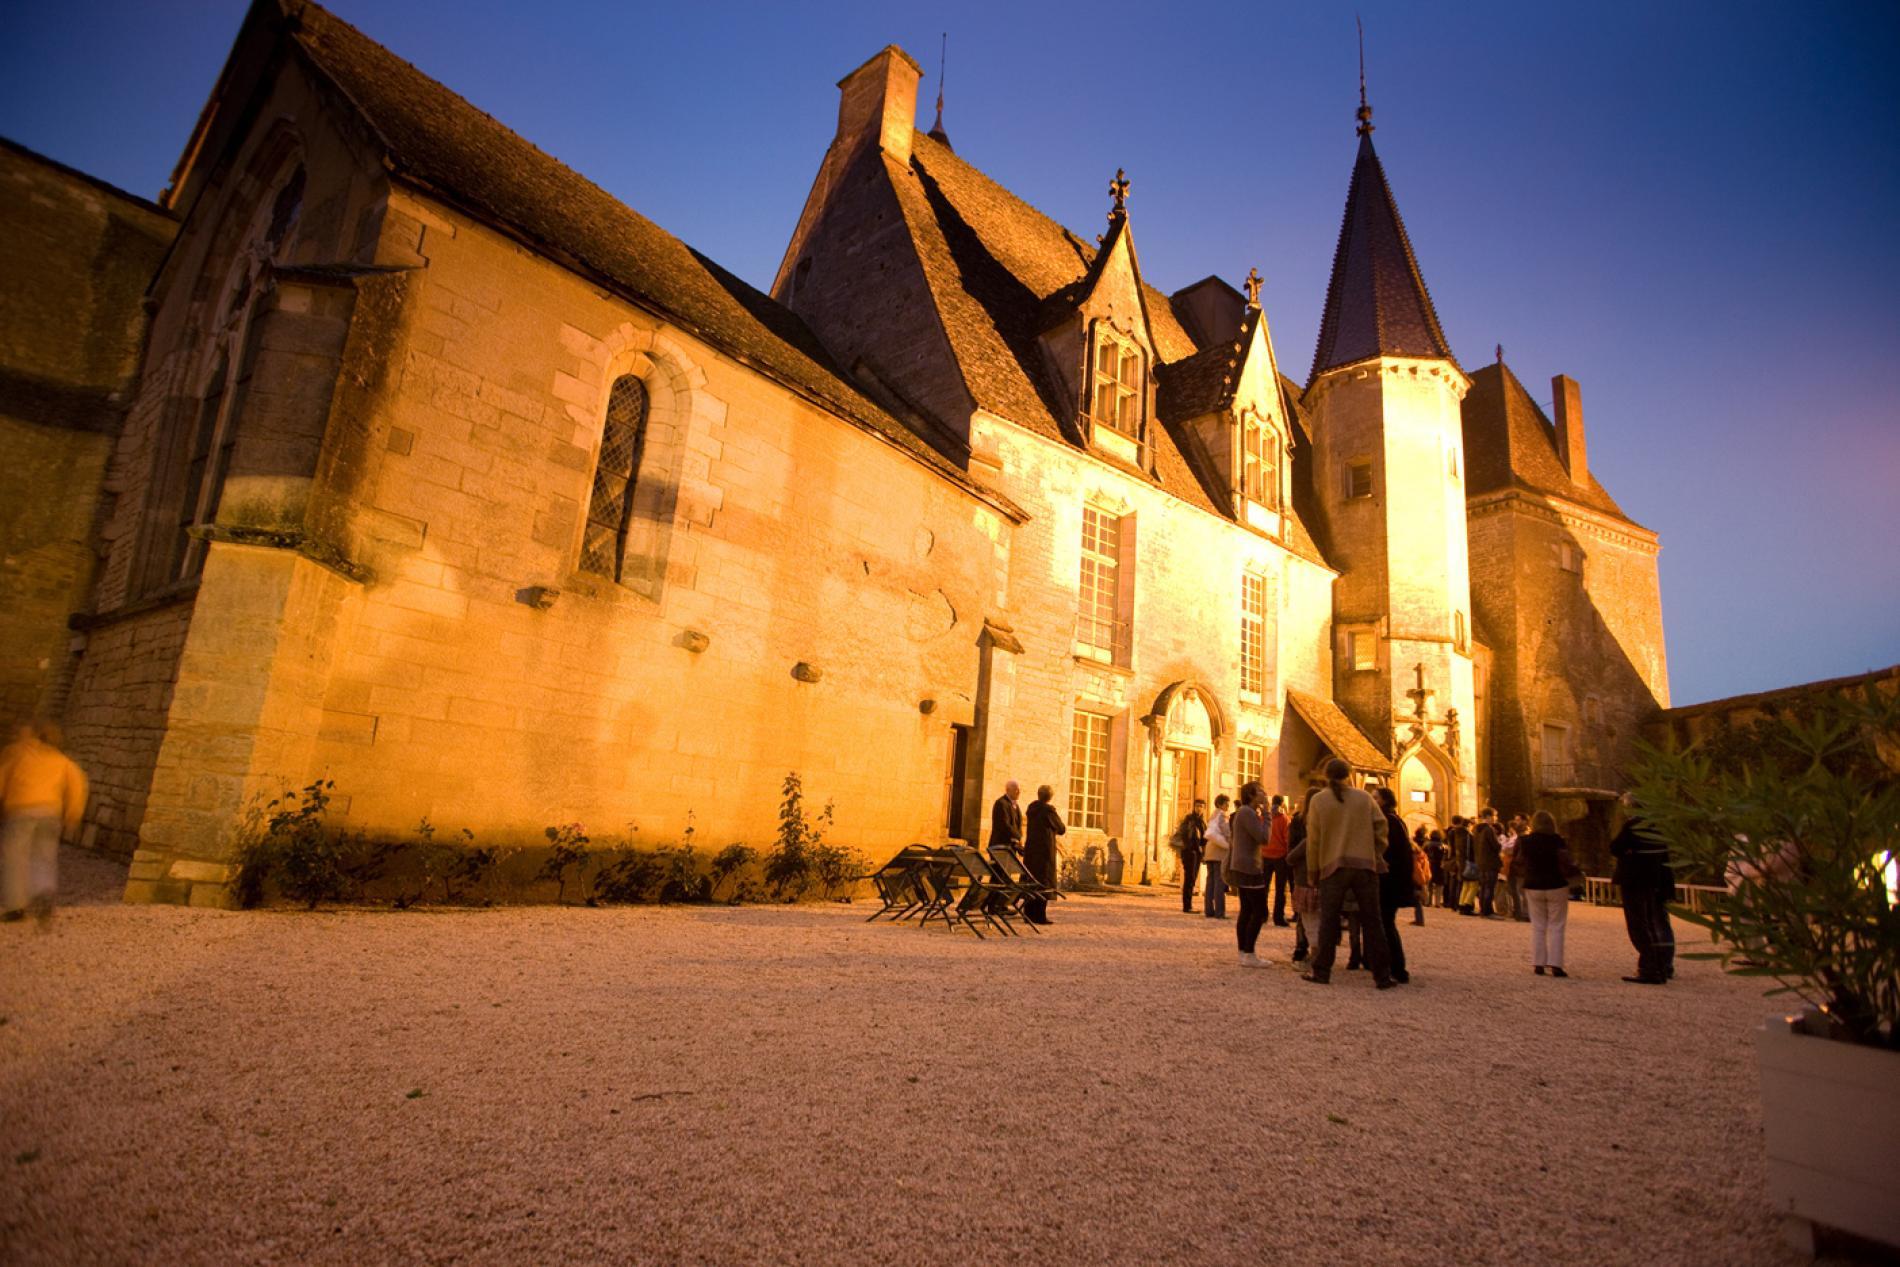 Château de Châteauneuf-en-Auxois,